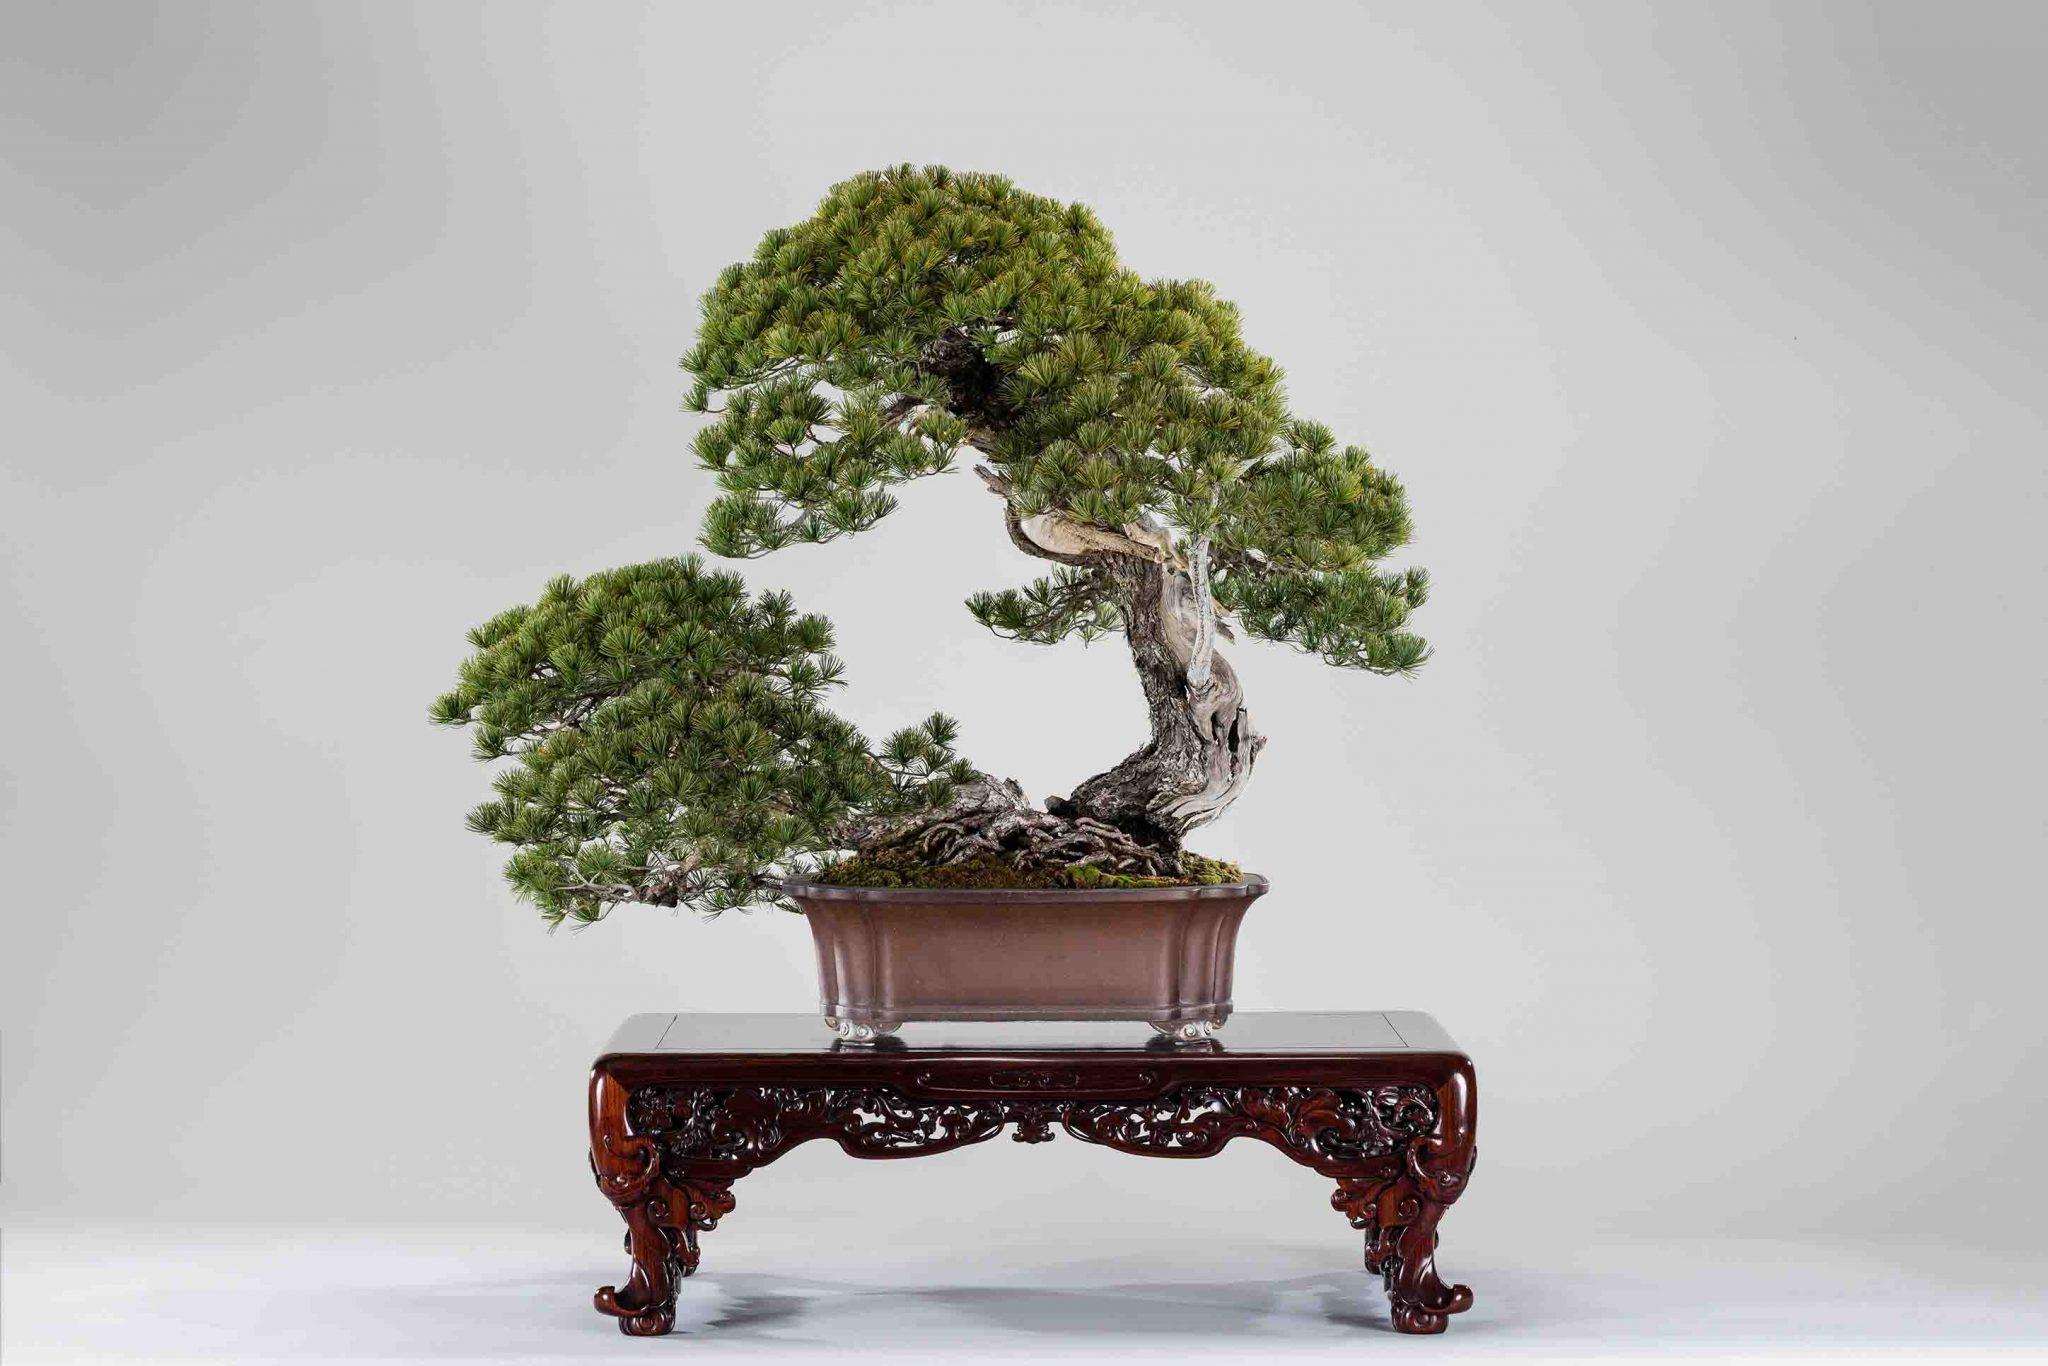 盆栽界の至宝! 五葉松「日暮し」特別展示